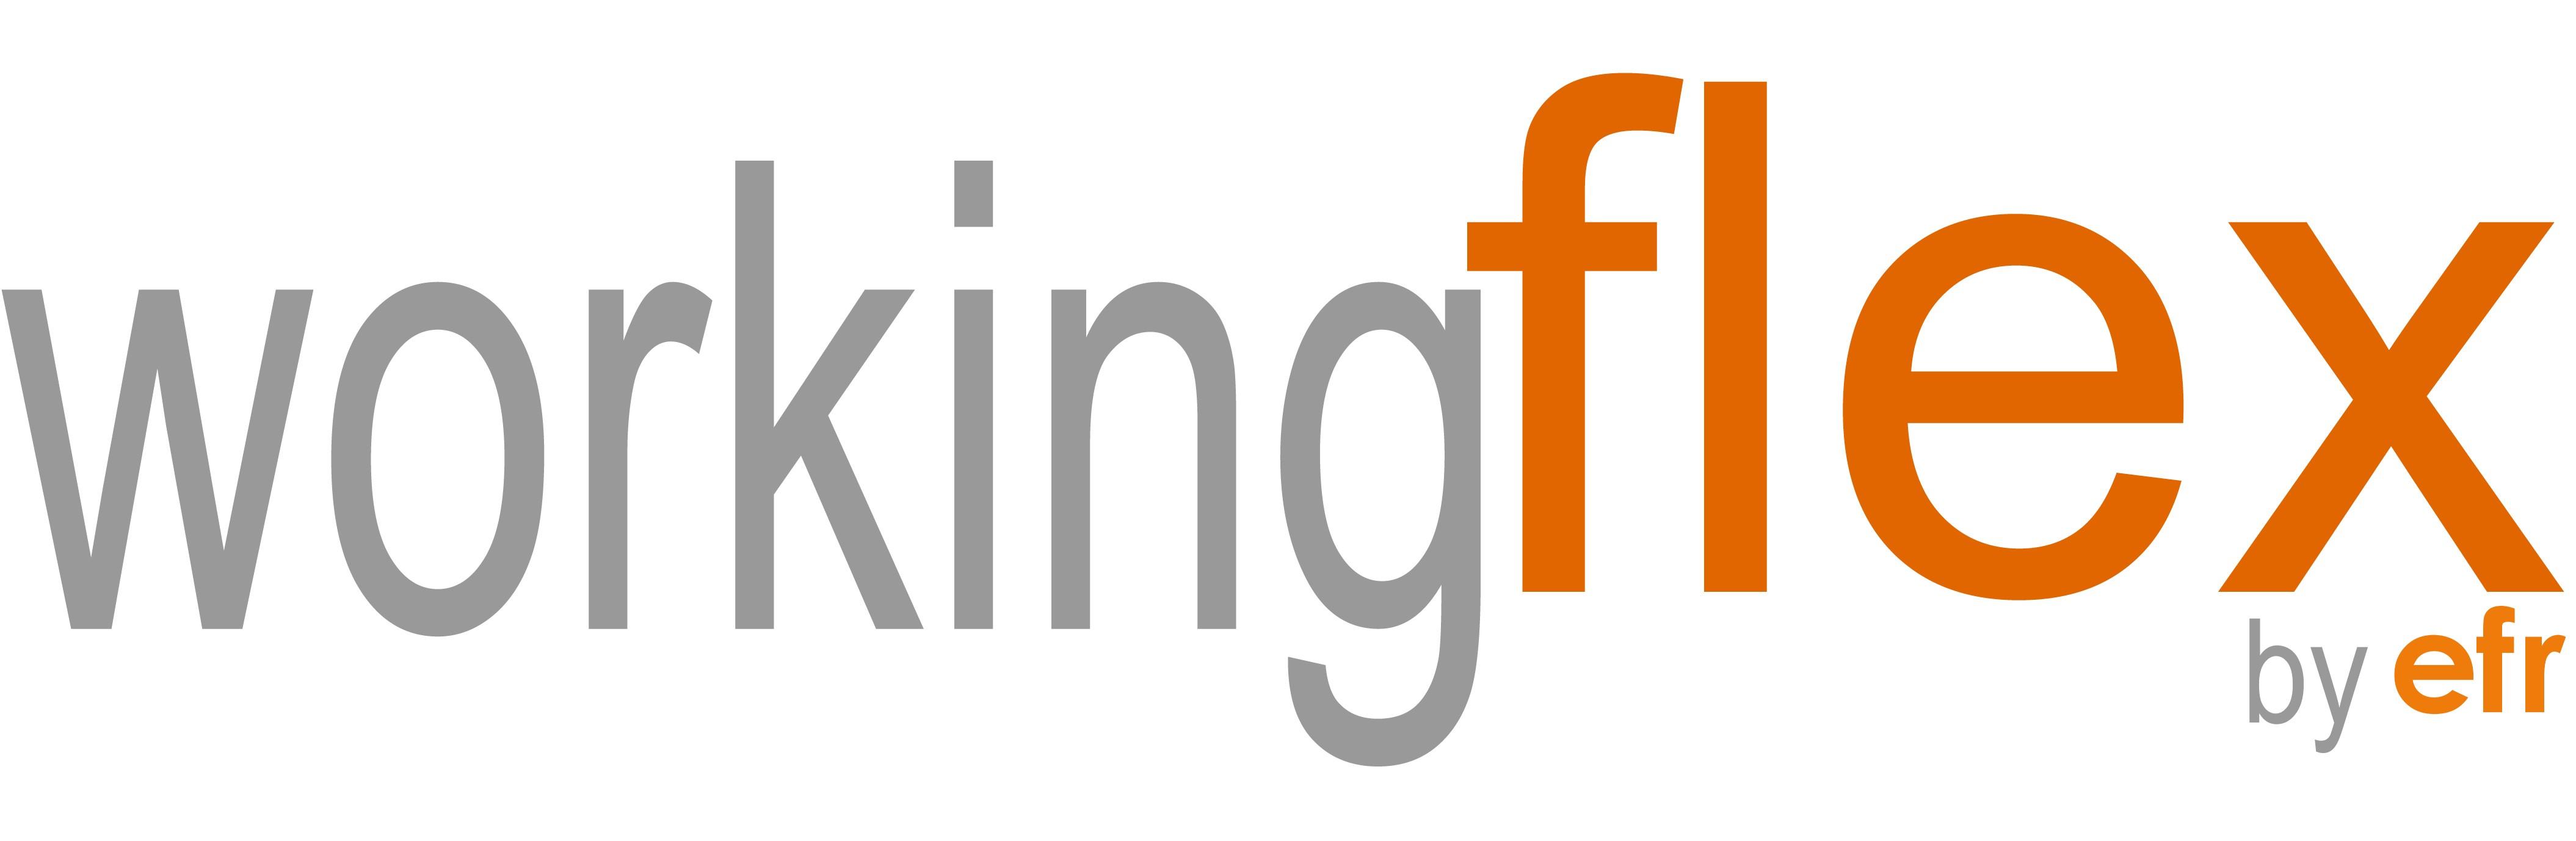 Workingflex: tus soluciones de teletrabajo para empresas